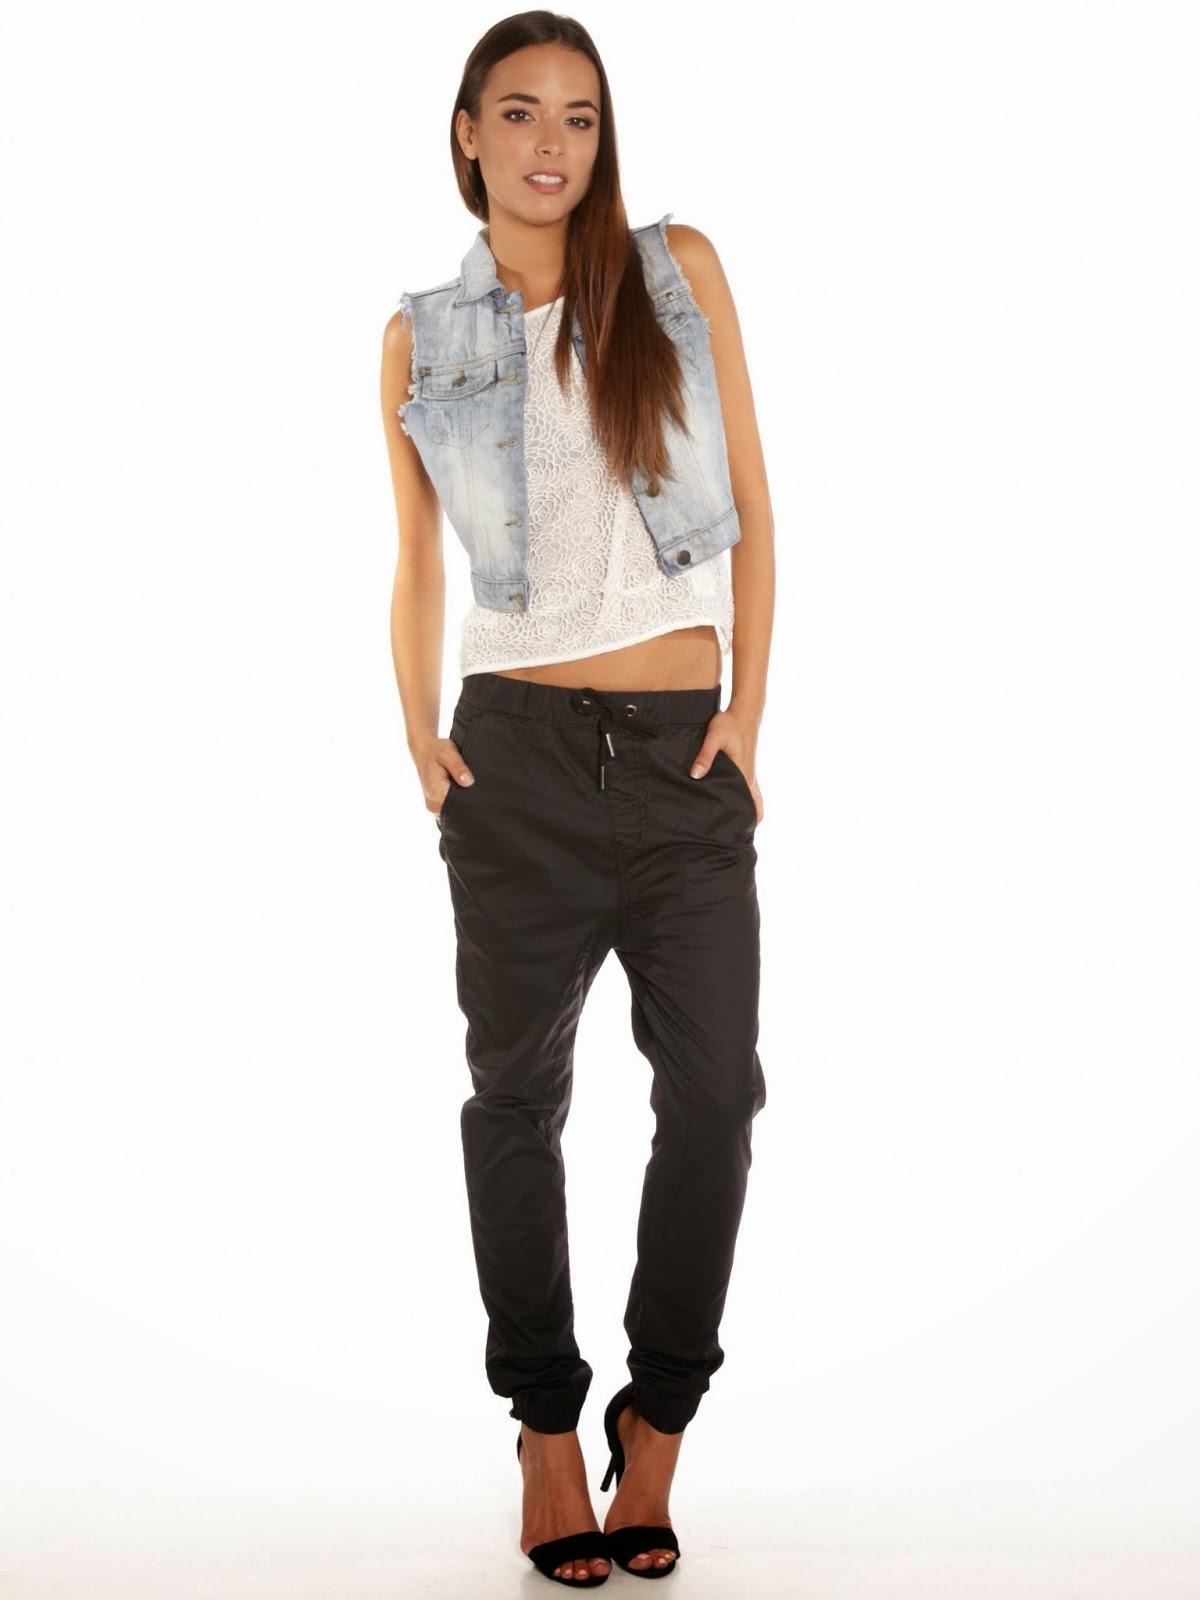 71a08e6d Сейчас брюки стали одним из основных элементов одежды не только среди  мужского населения, но и у женского.